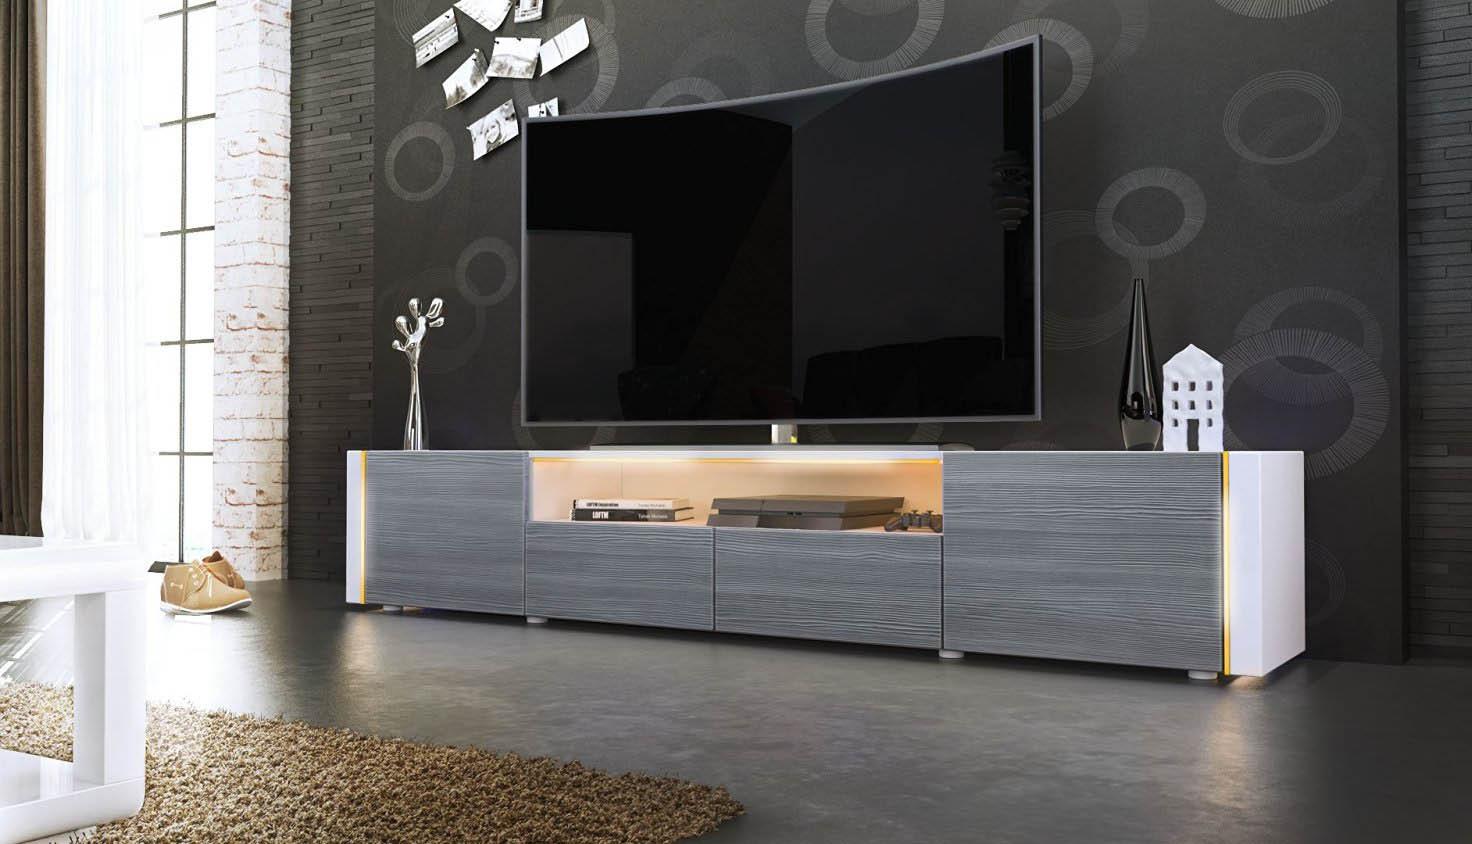 Casanova porta tv moderno mobile soggiorno bianco con led - Mobile soggiorno tv ...